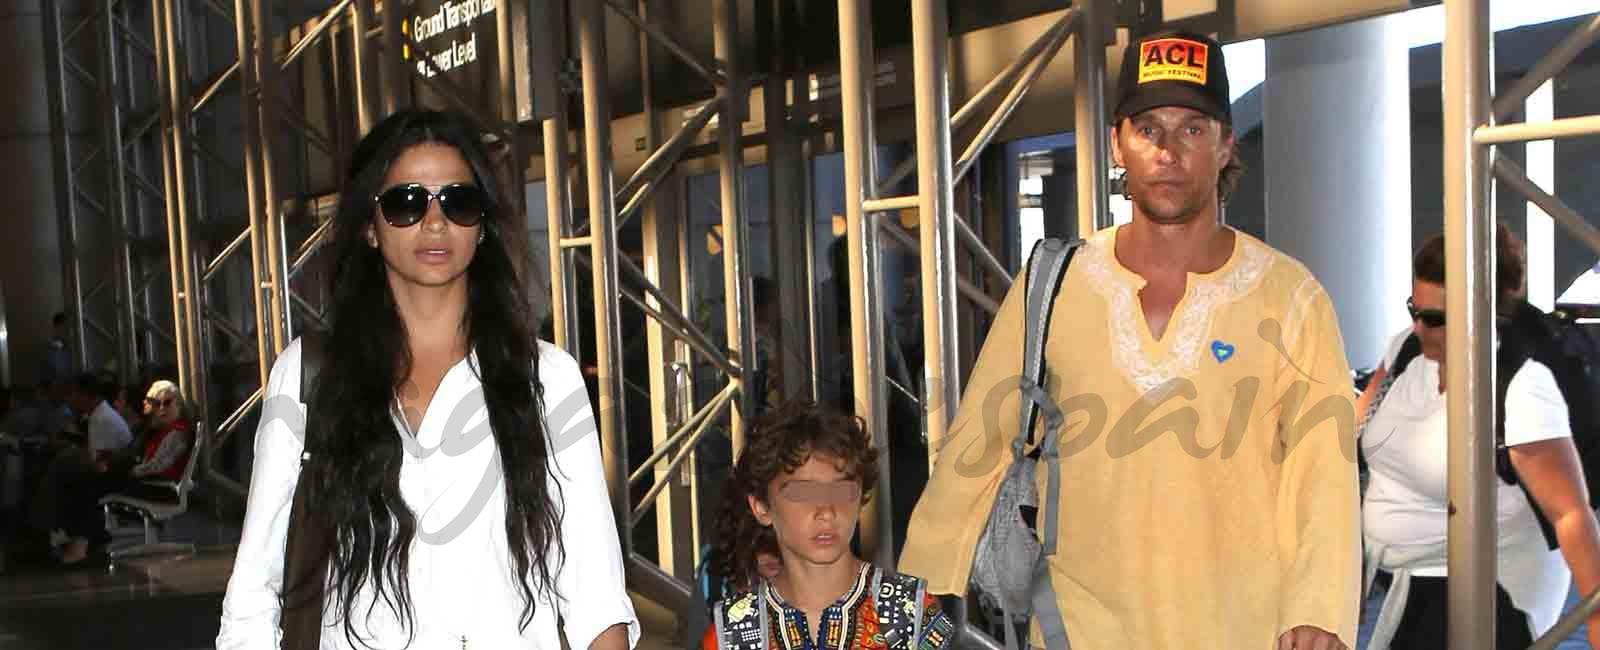 Matthew McConaughey y Camila Alves, estilo hippie en familia